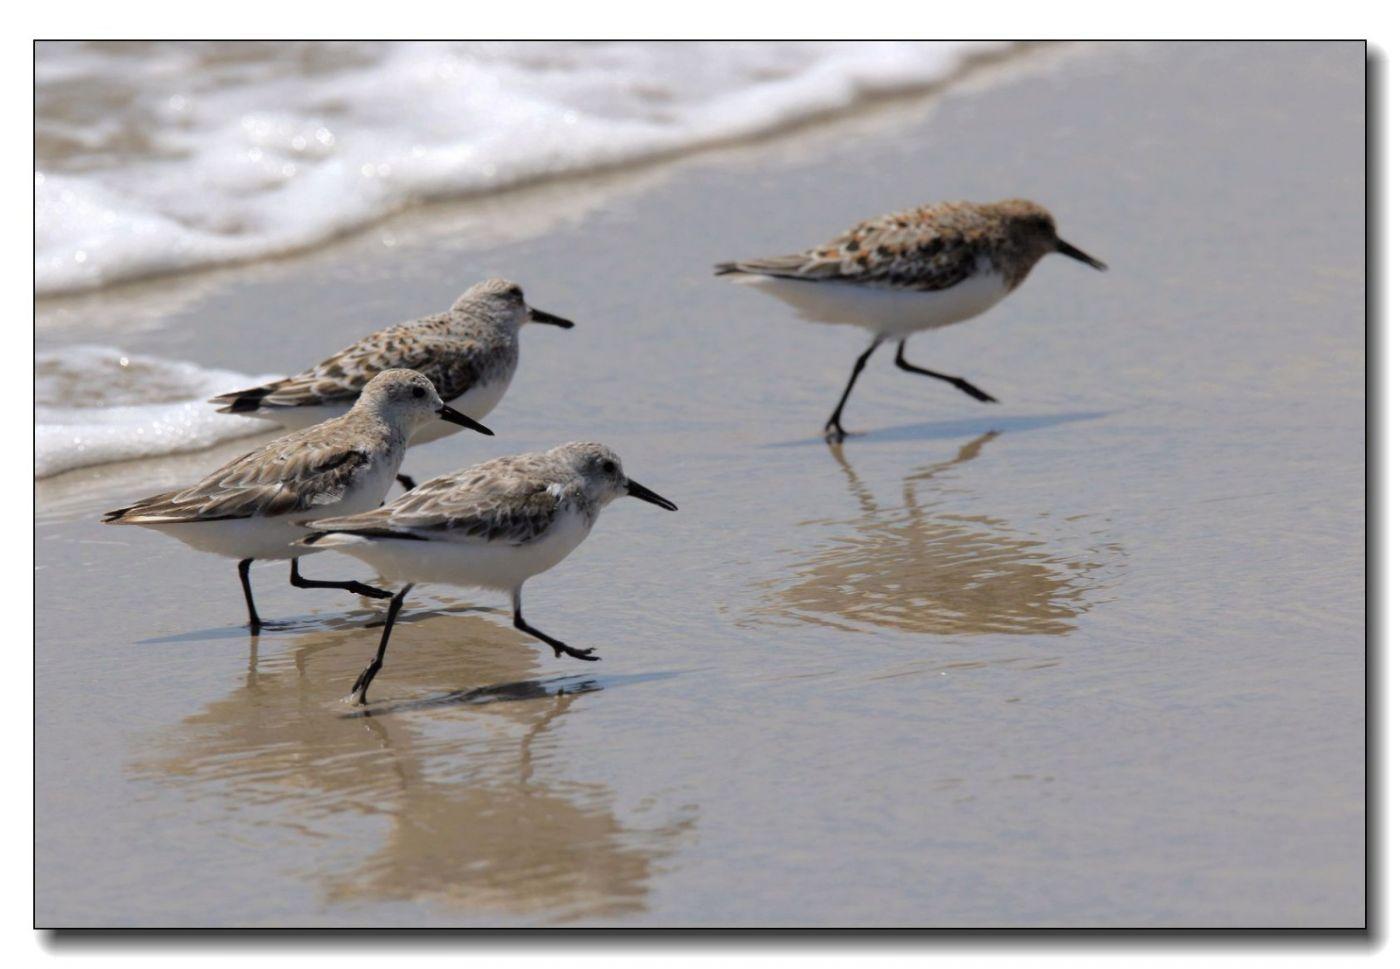 洛克威海滩拍鸟—滨鹬_图1-3